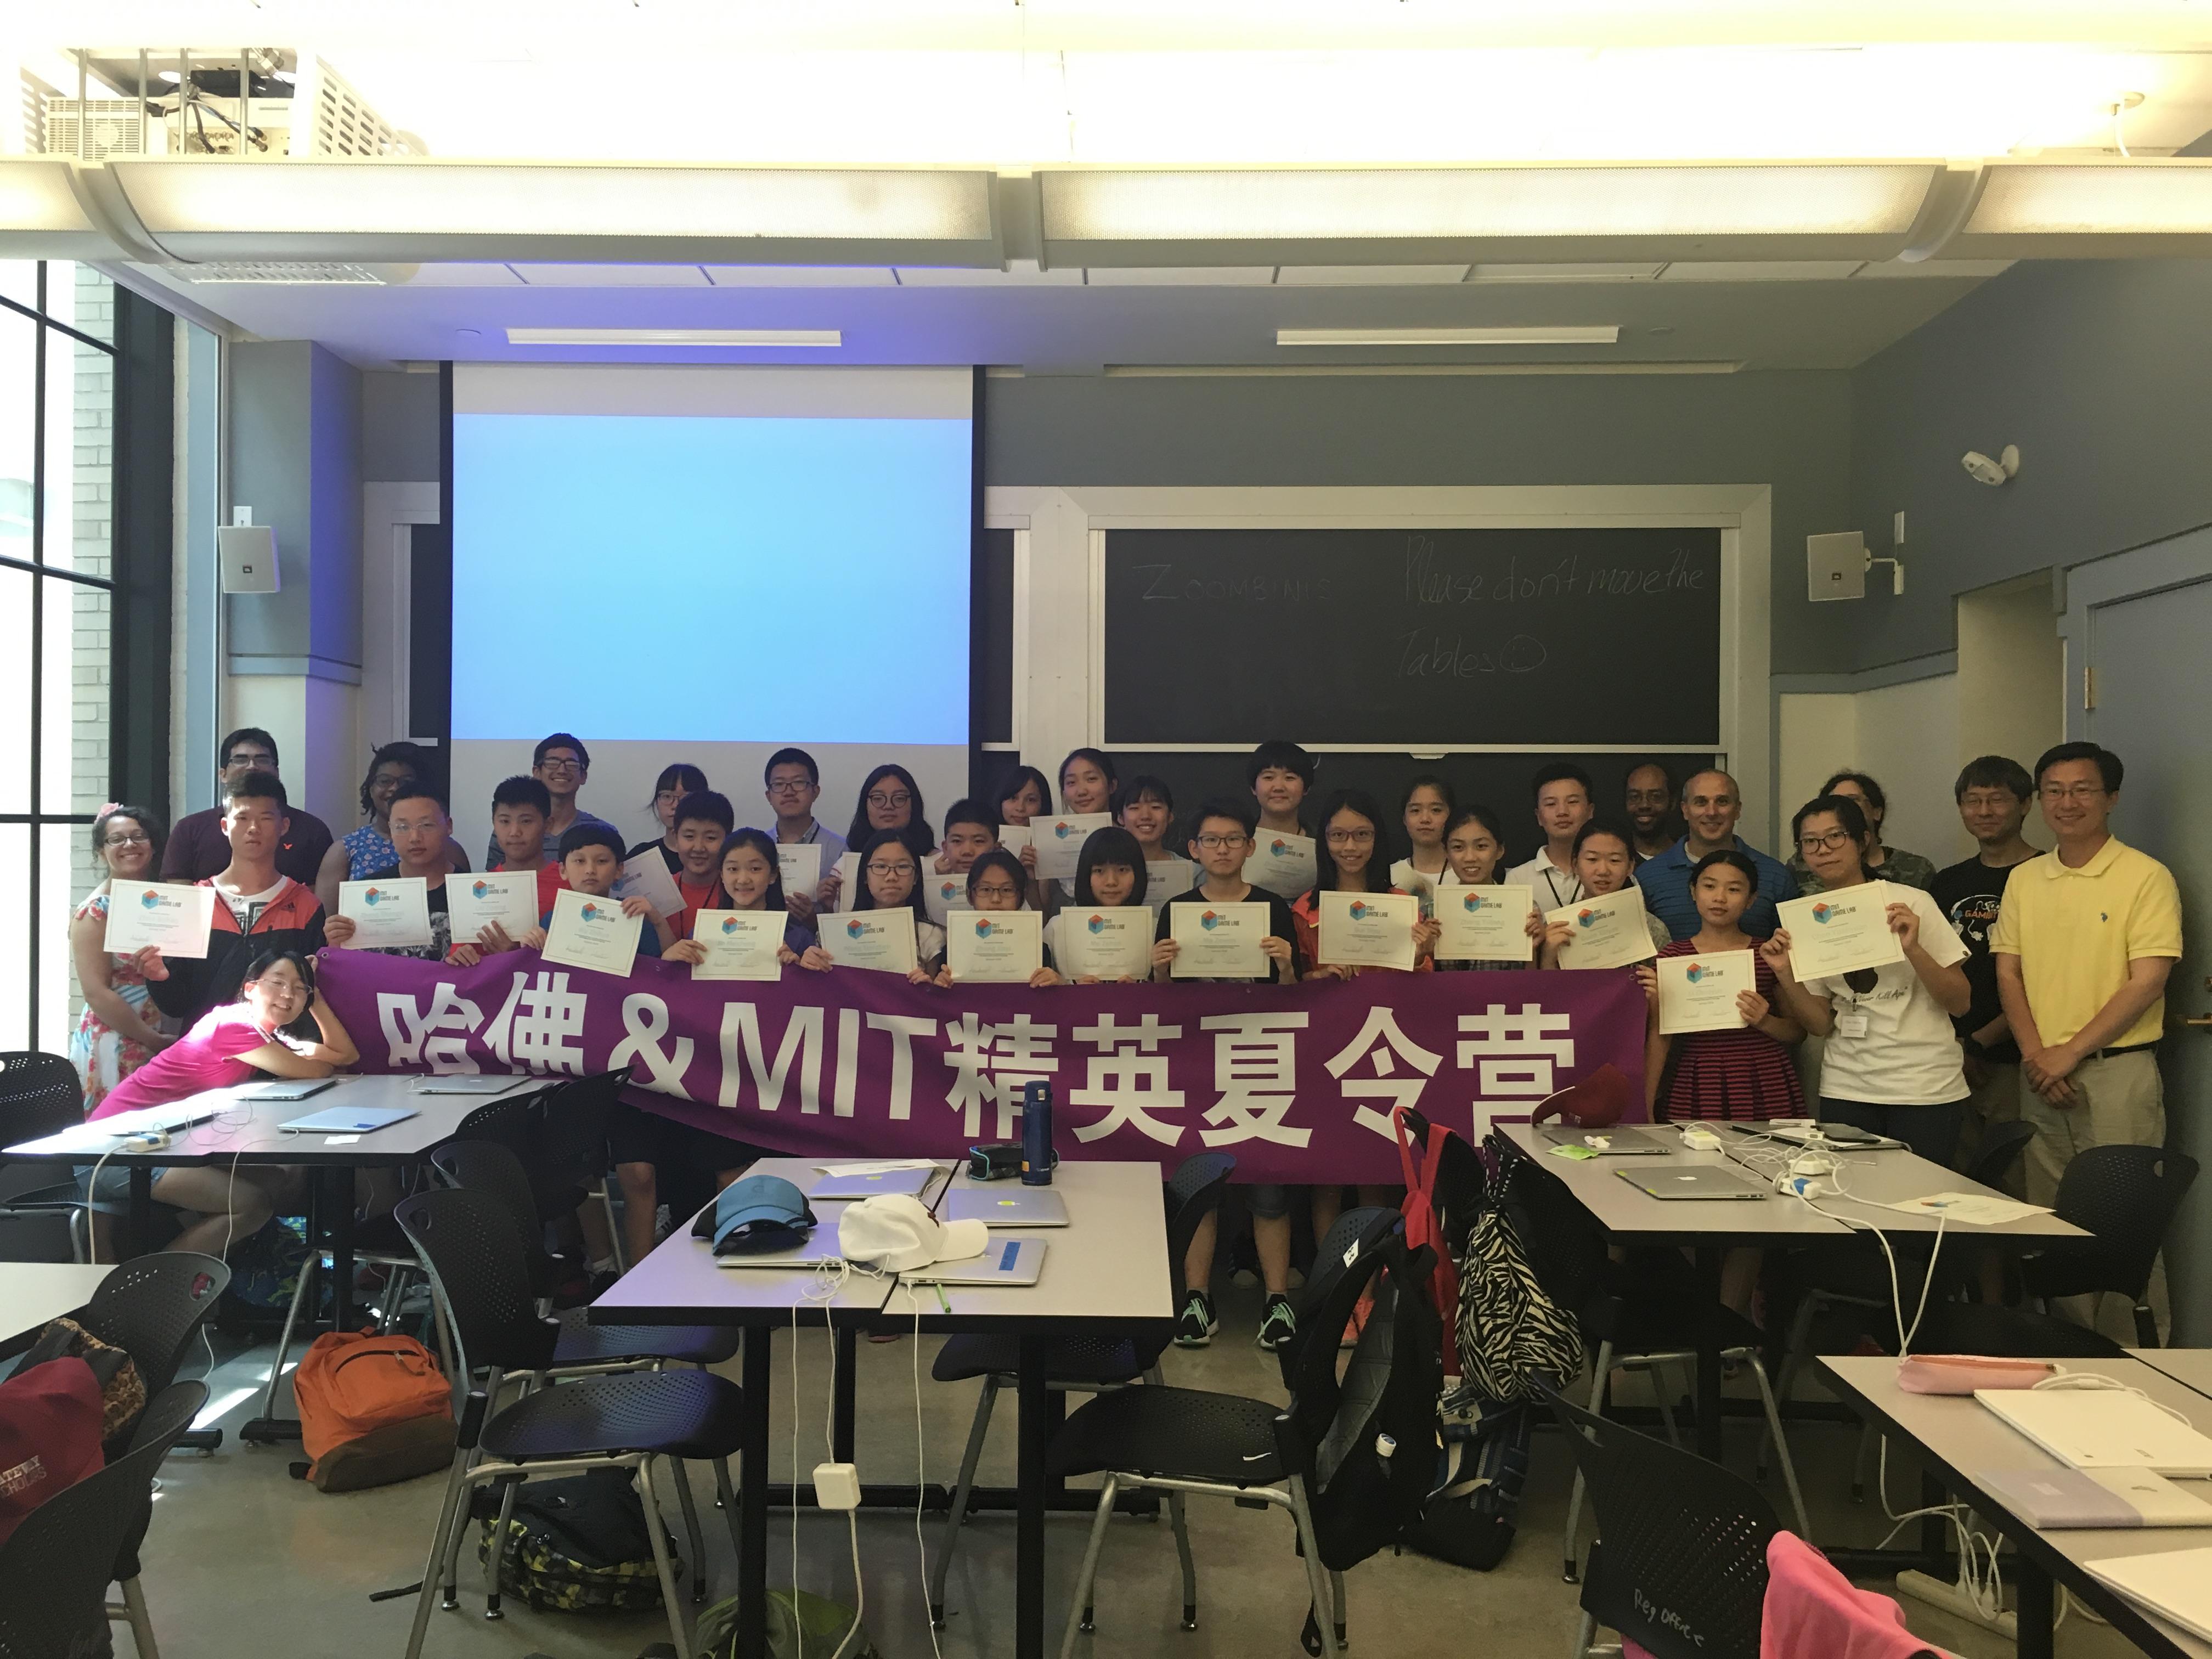 凯威学员与教授和TA们在MIT Media Lab的合影